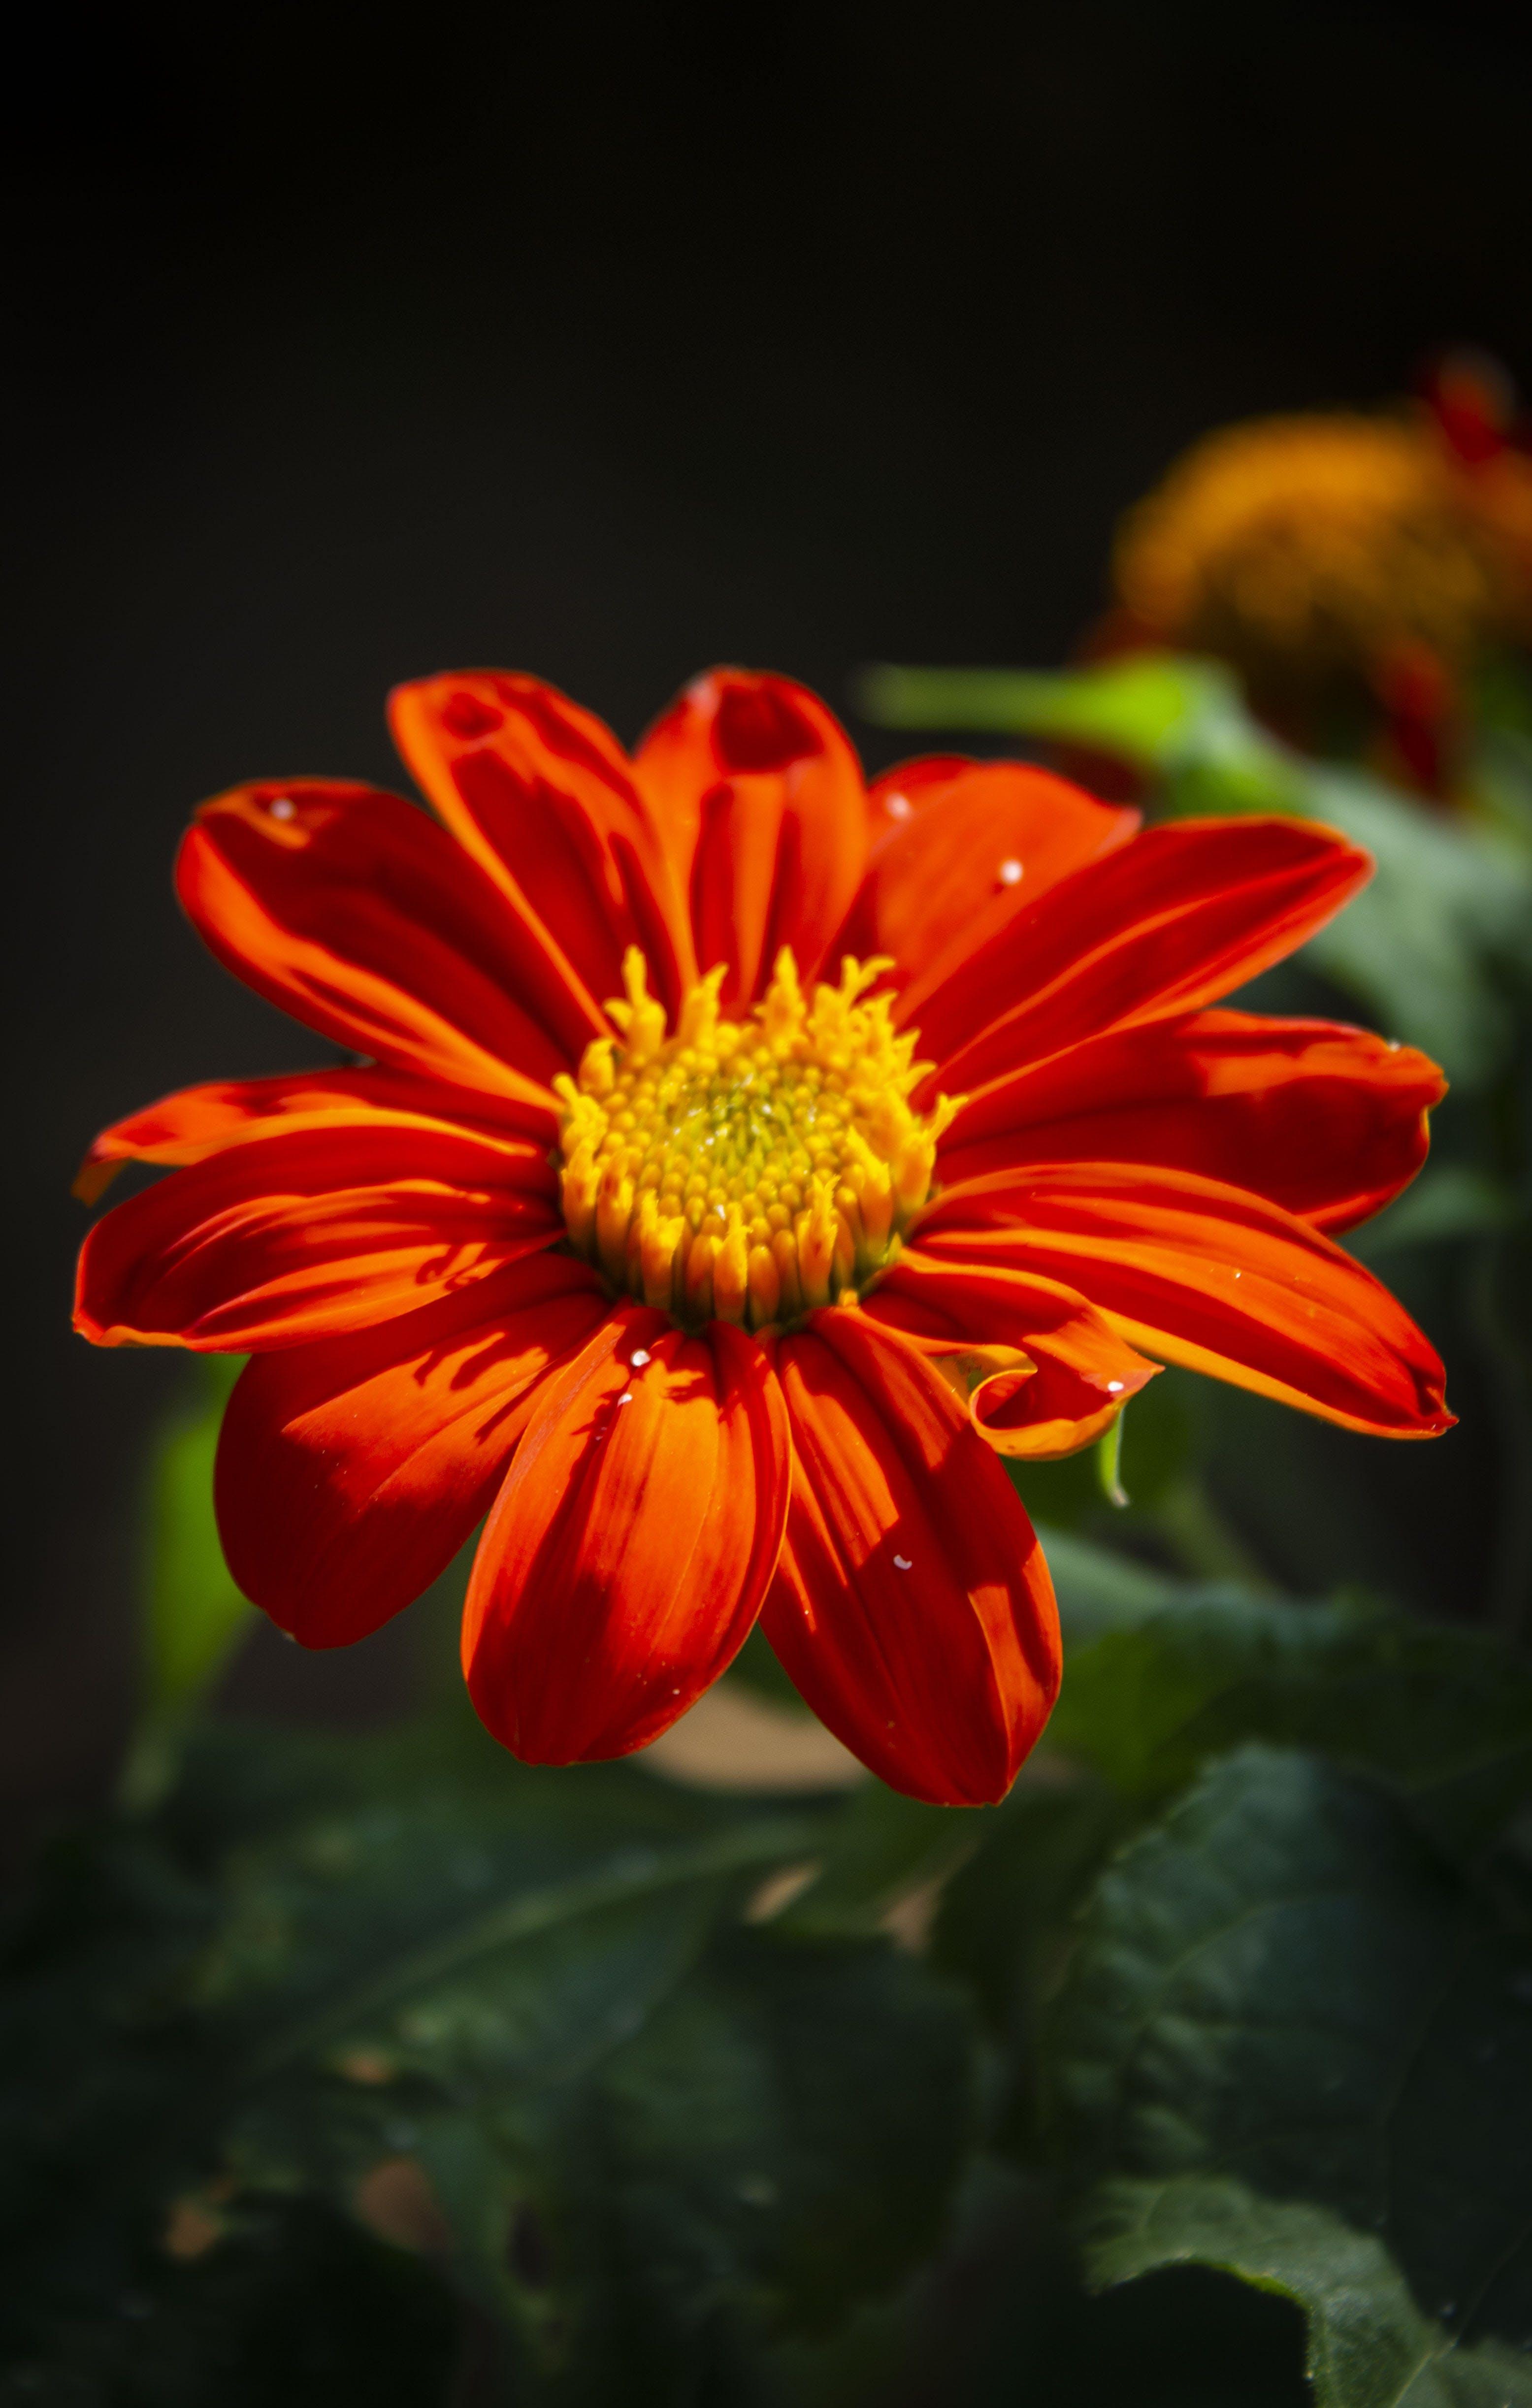 Gratis lagerfoto af blomsterarrangement, springe ud